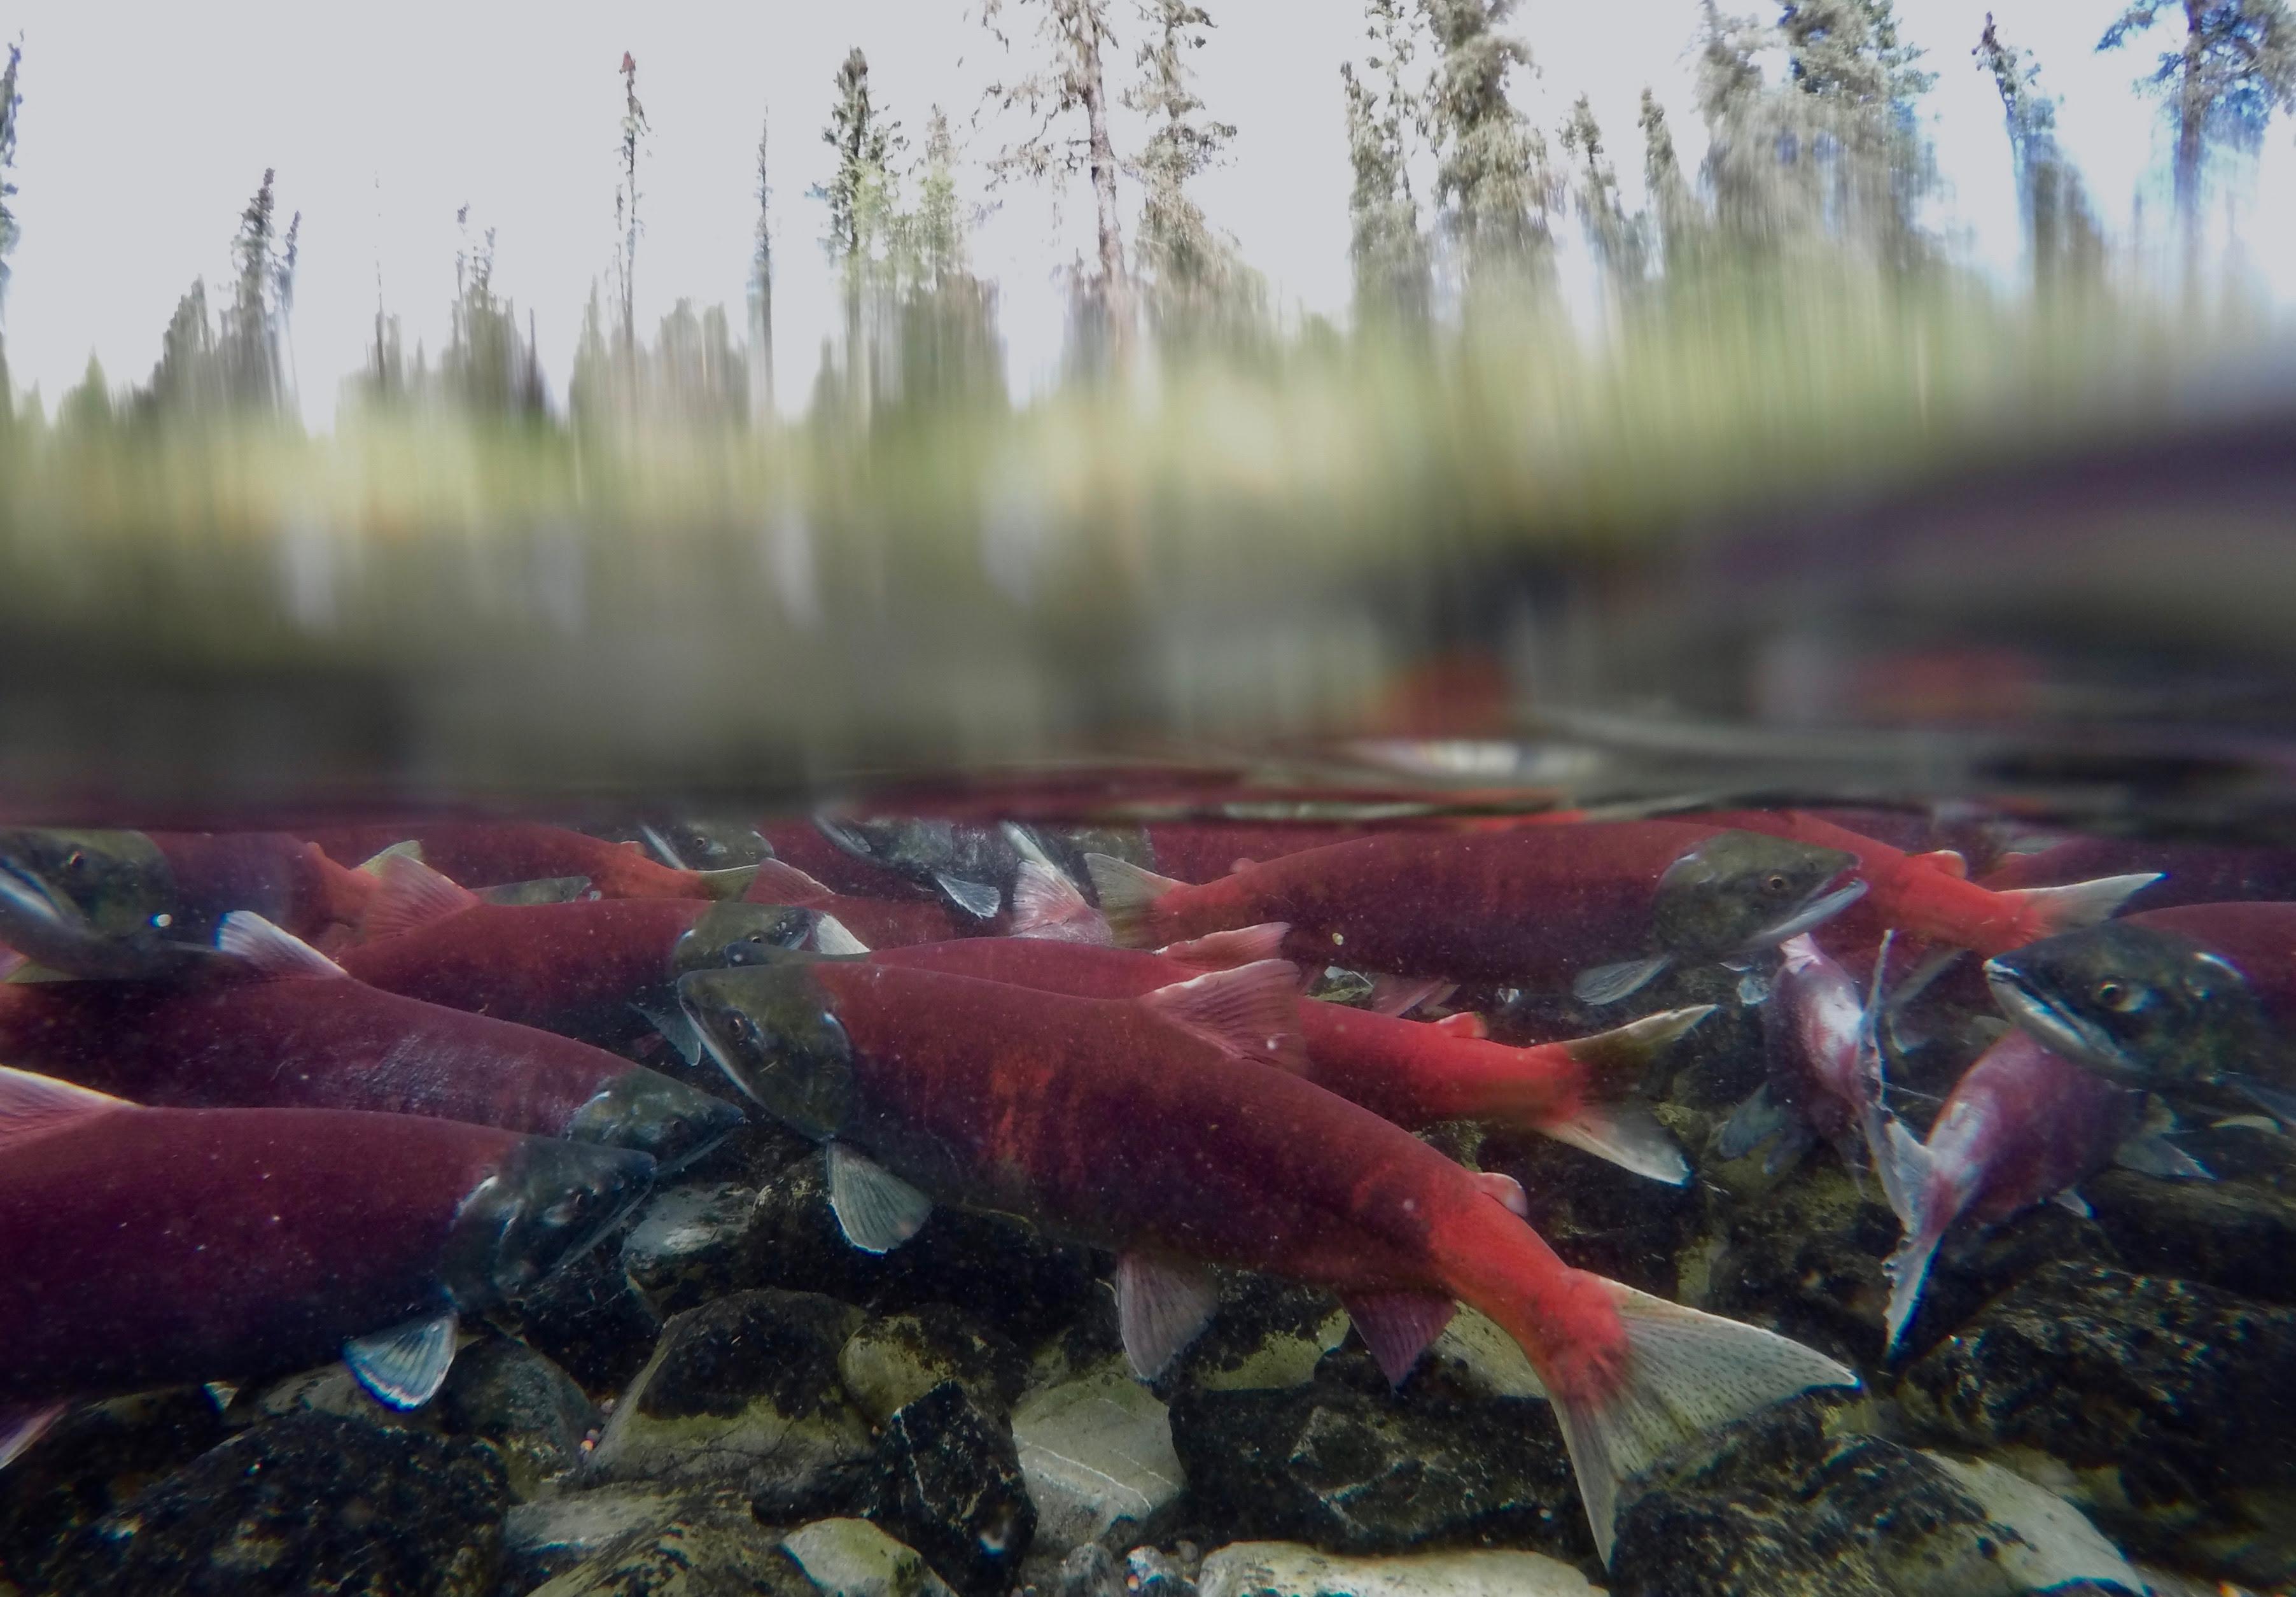 Red Under Spruce